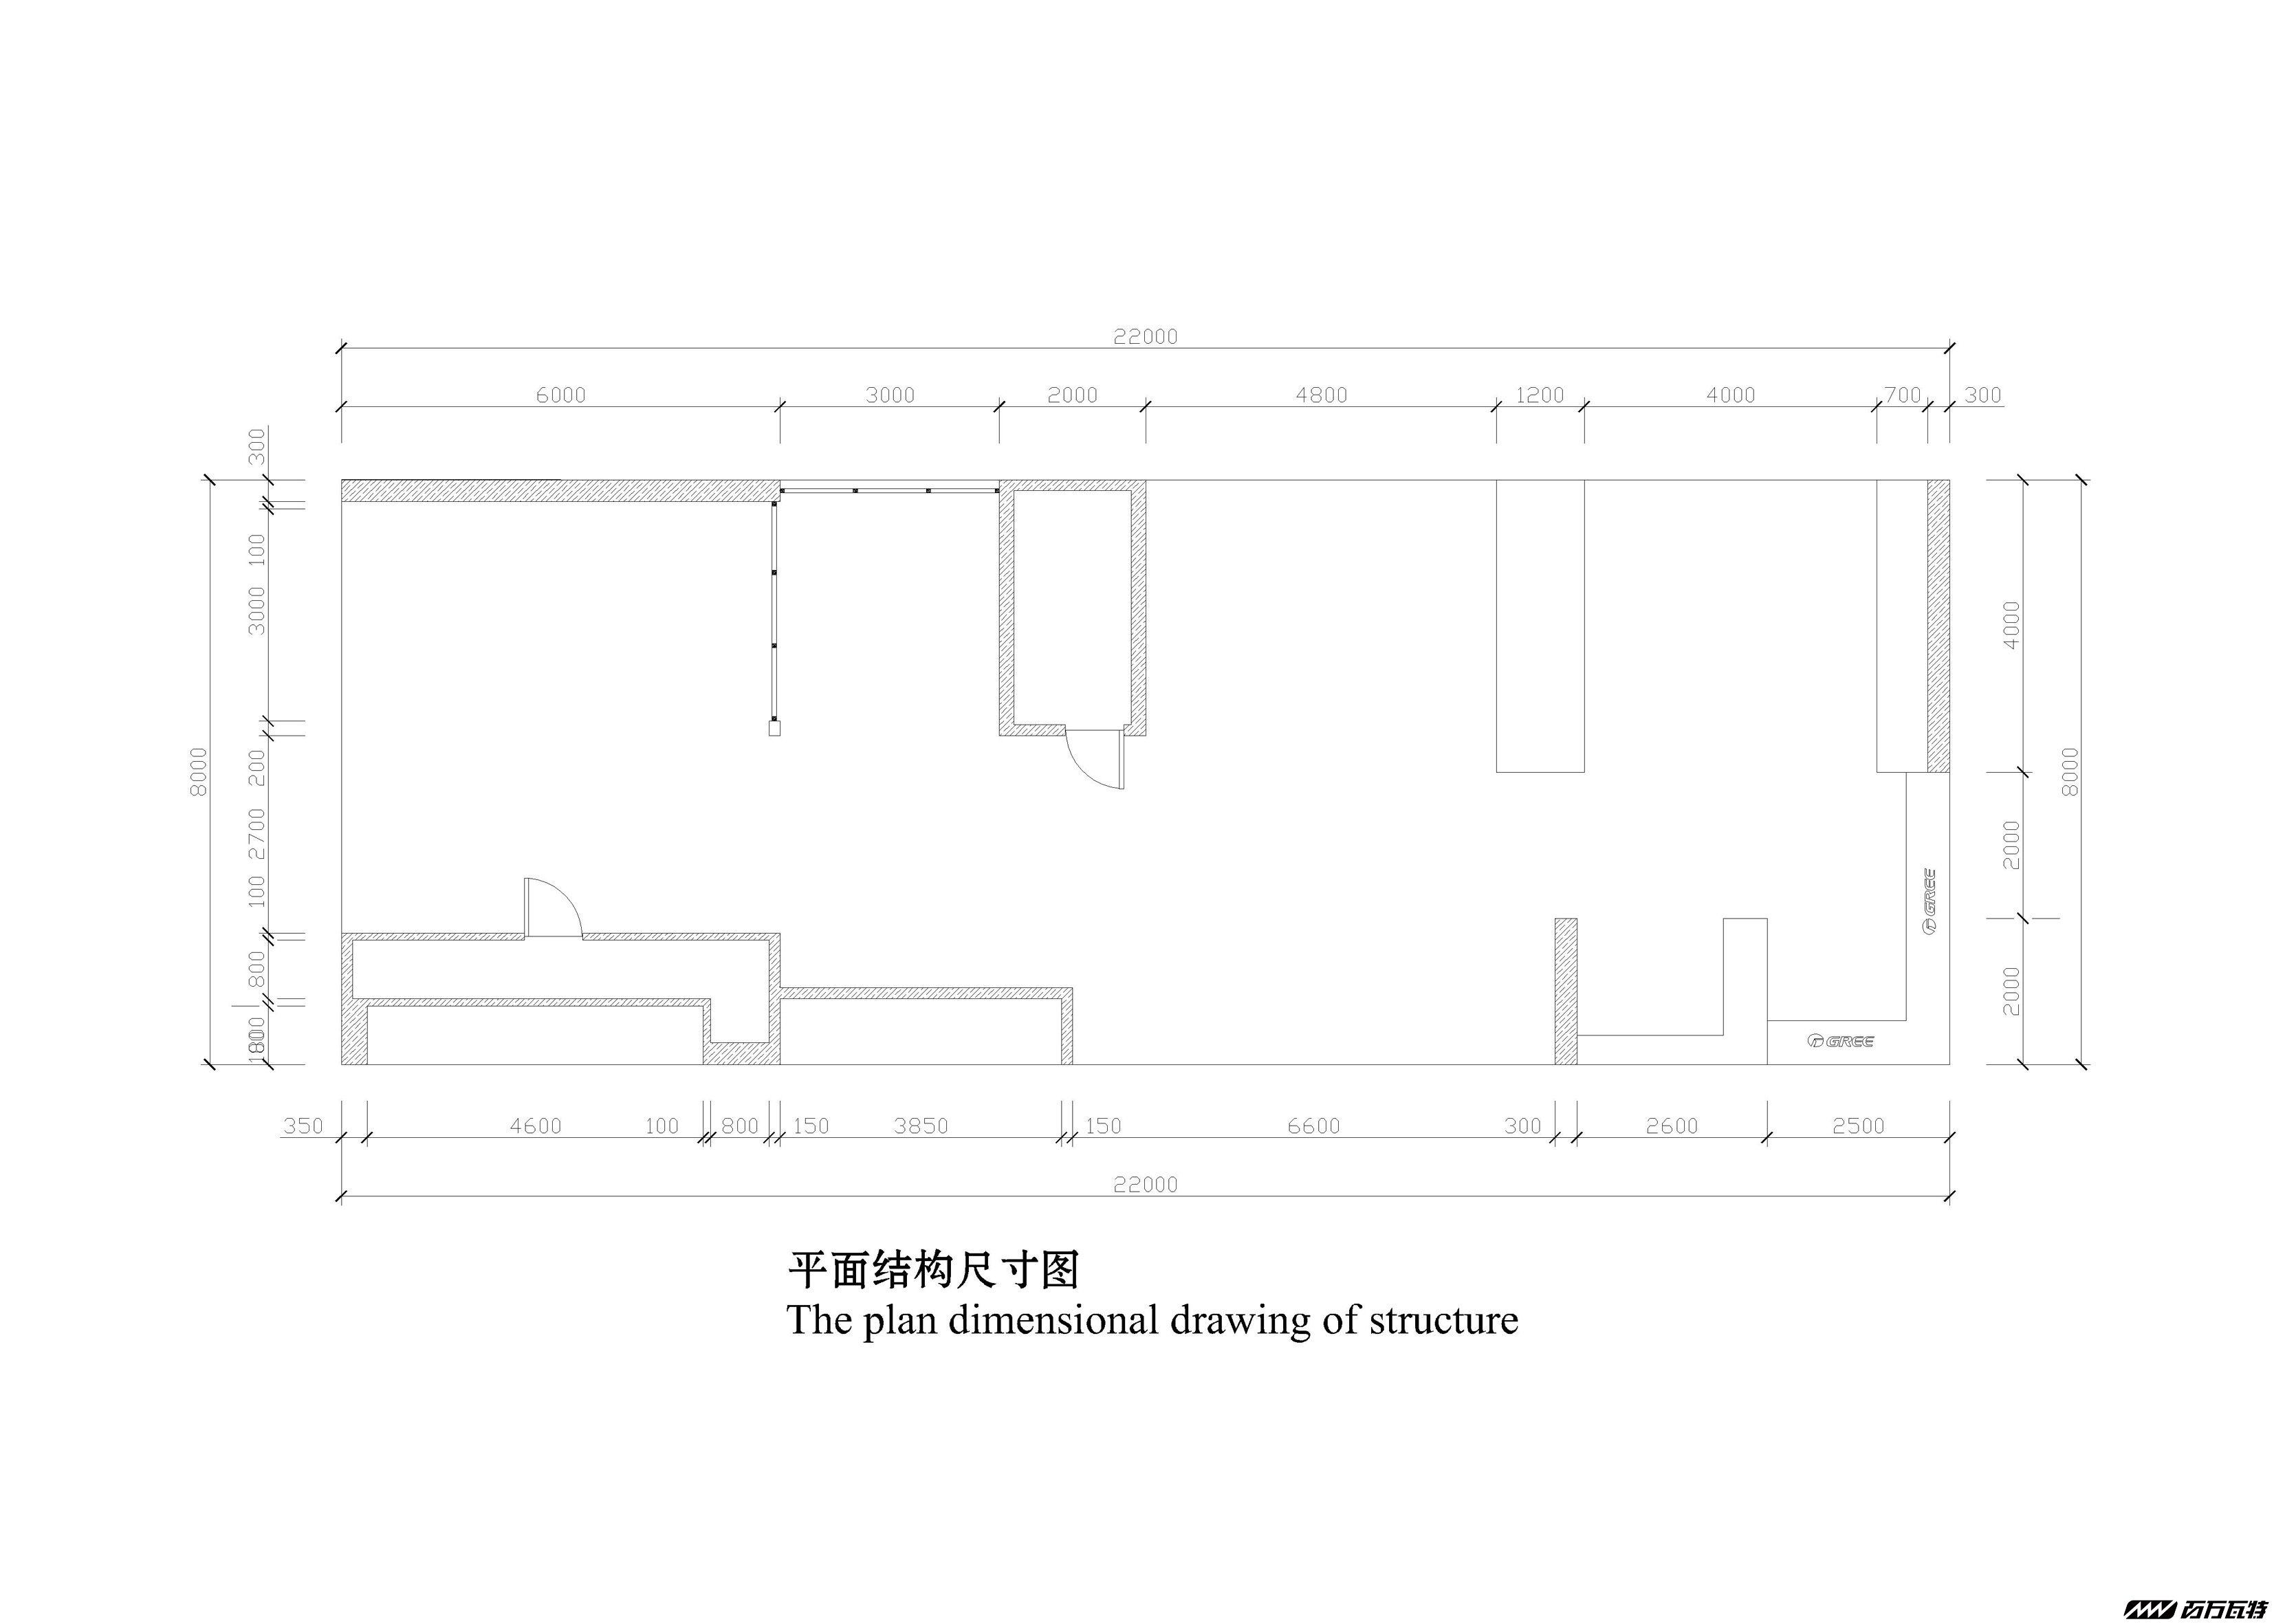 格力施工图-2.jpg